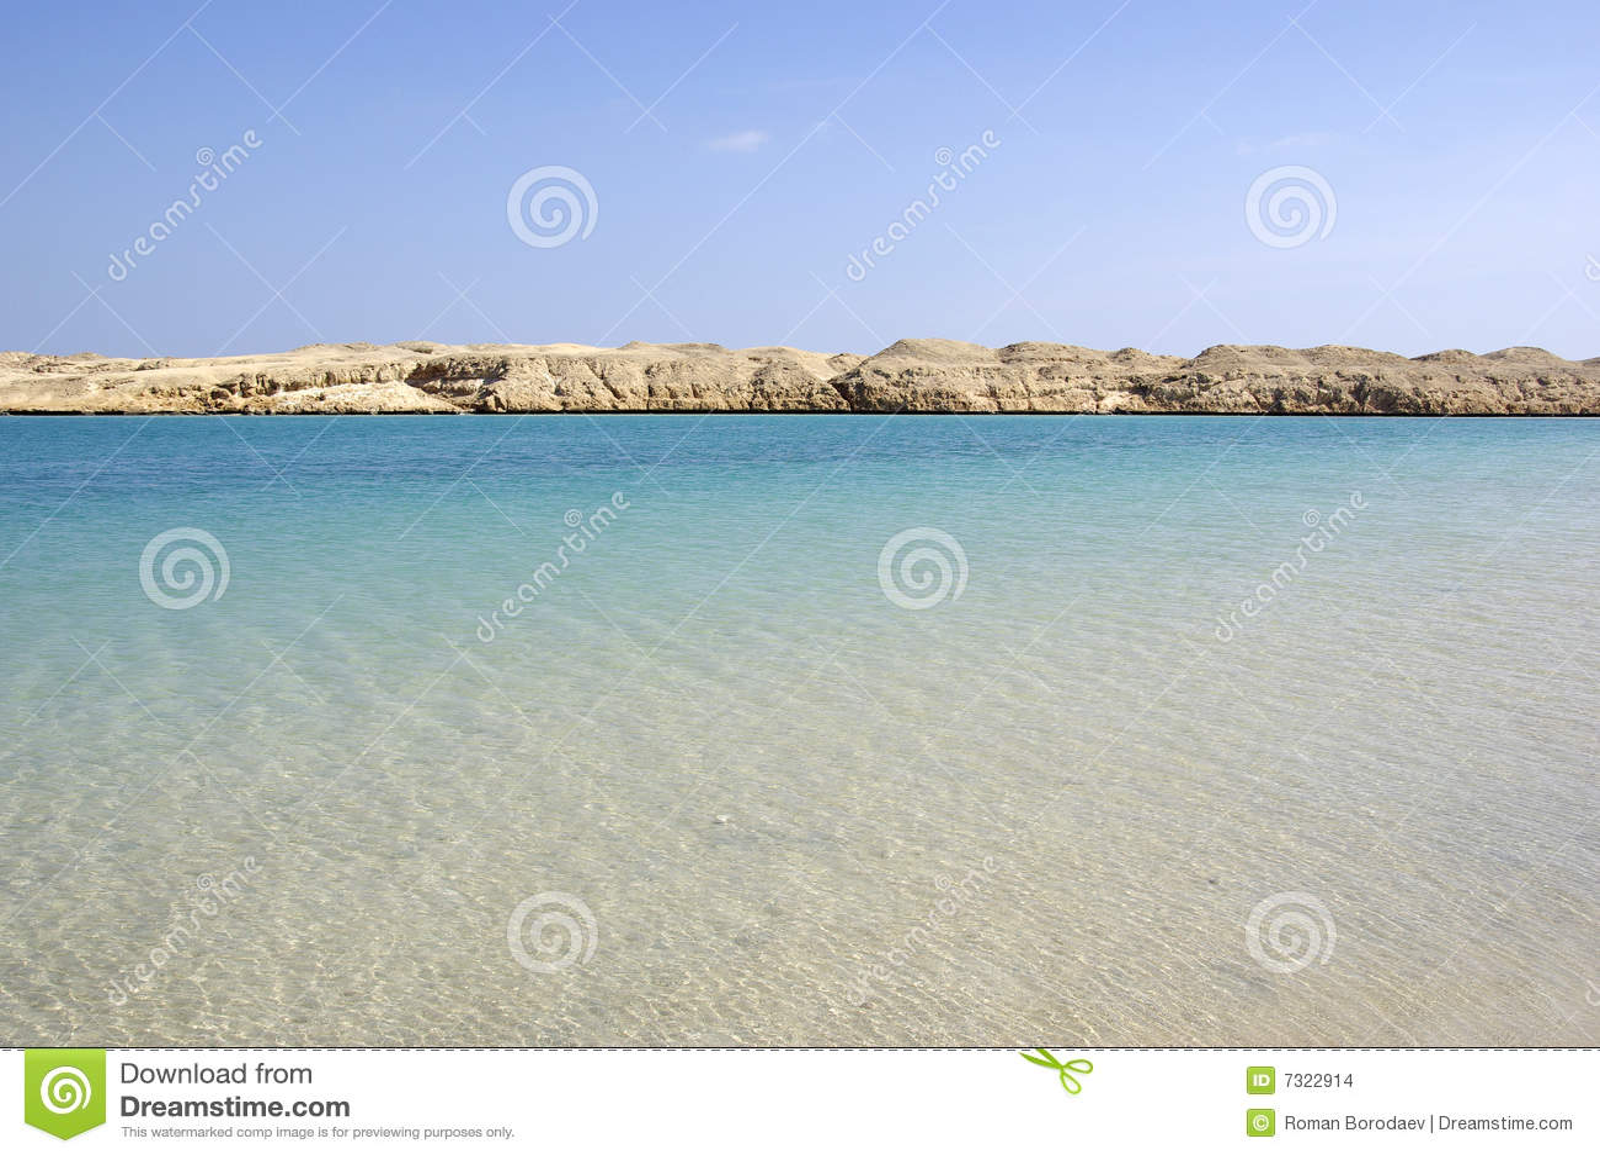 Bella vista sul mare in deserto.